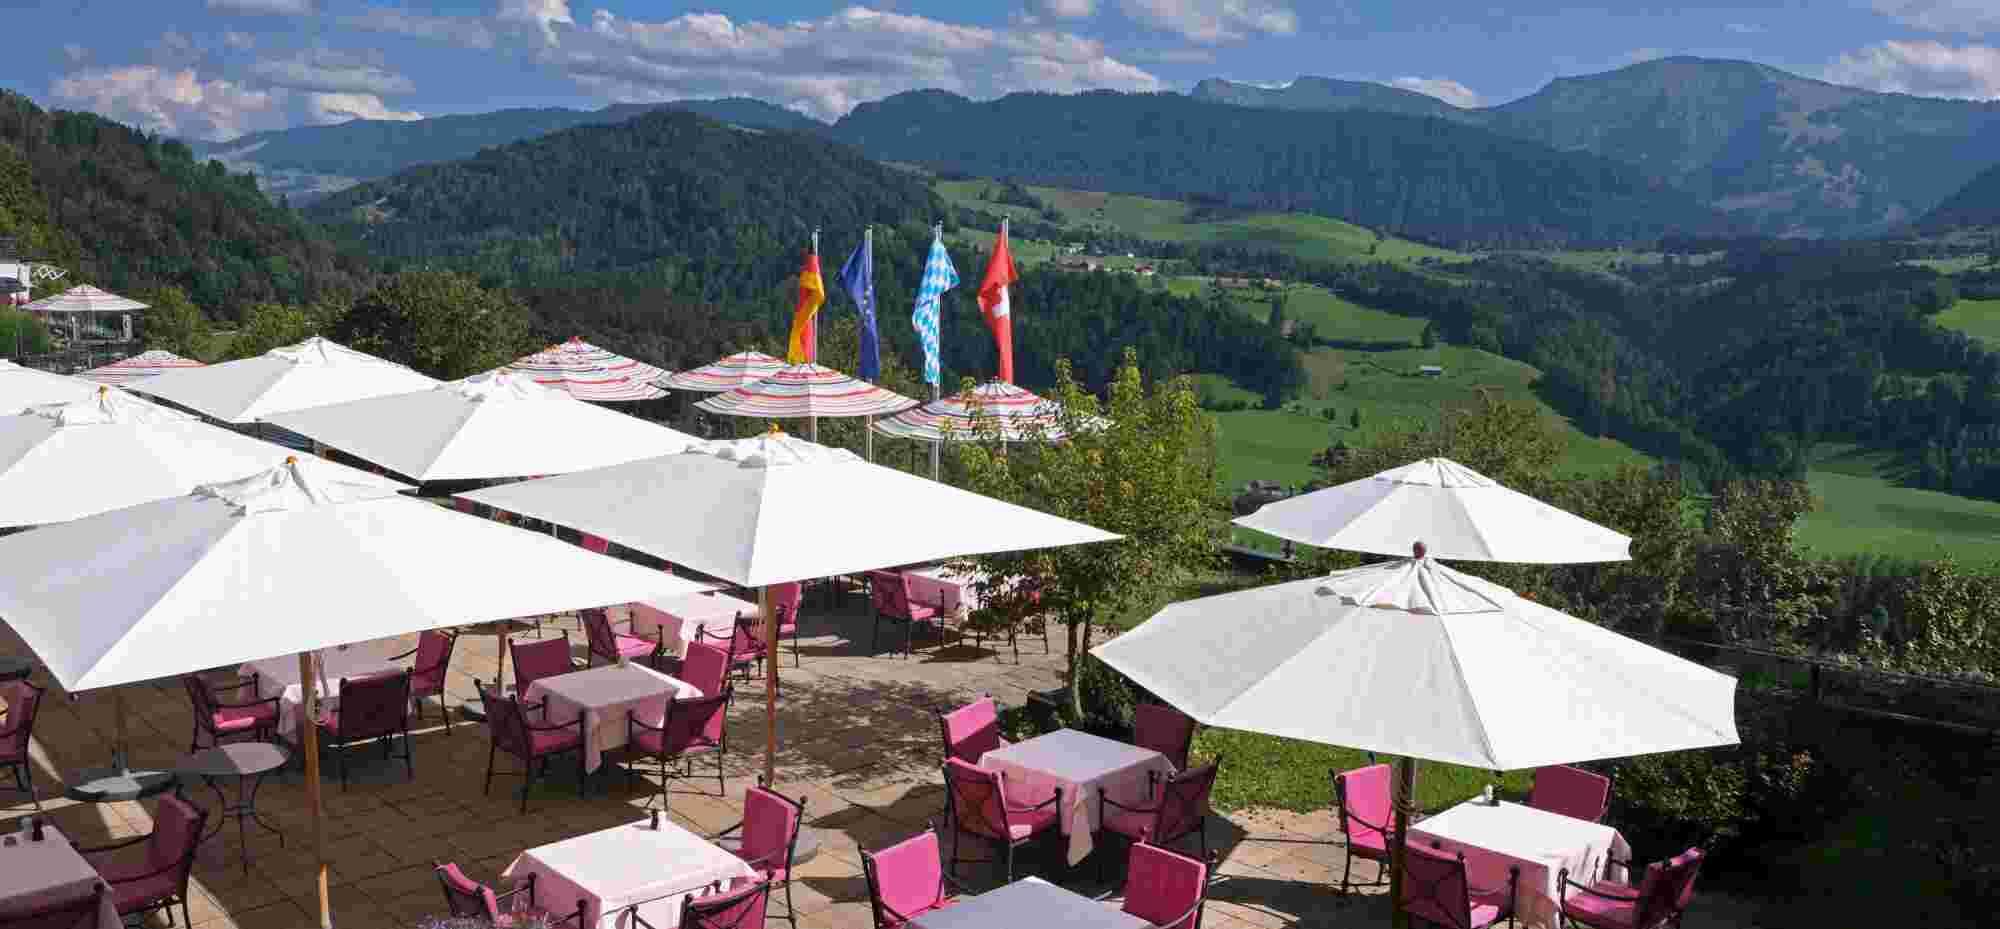 Blick auf die Restaurant Terrasse der Allgäu Sonne mit traumhaftem Bergpanorama im Hintergrund